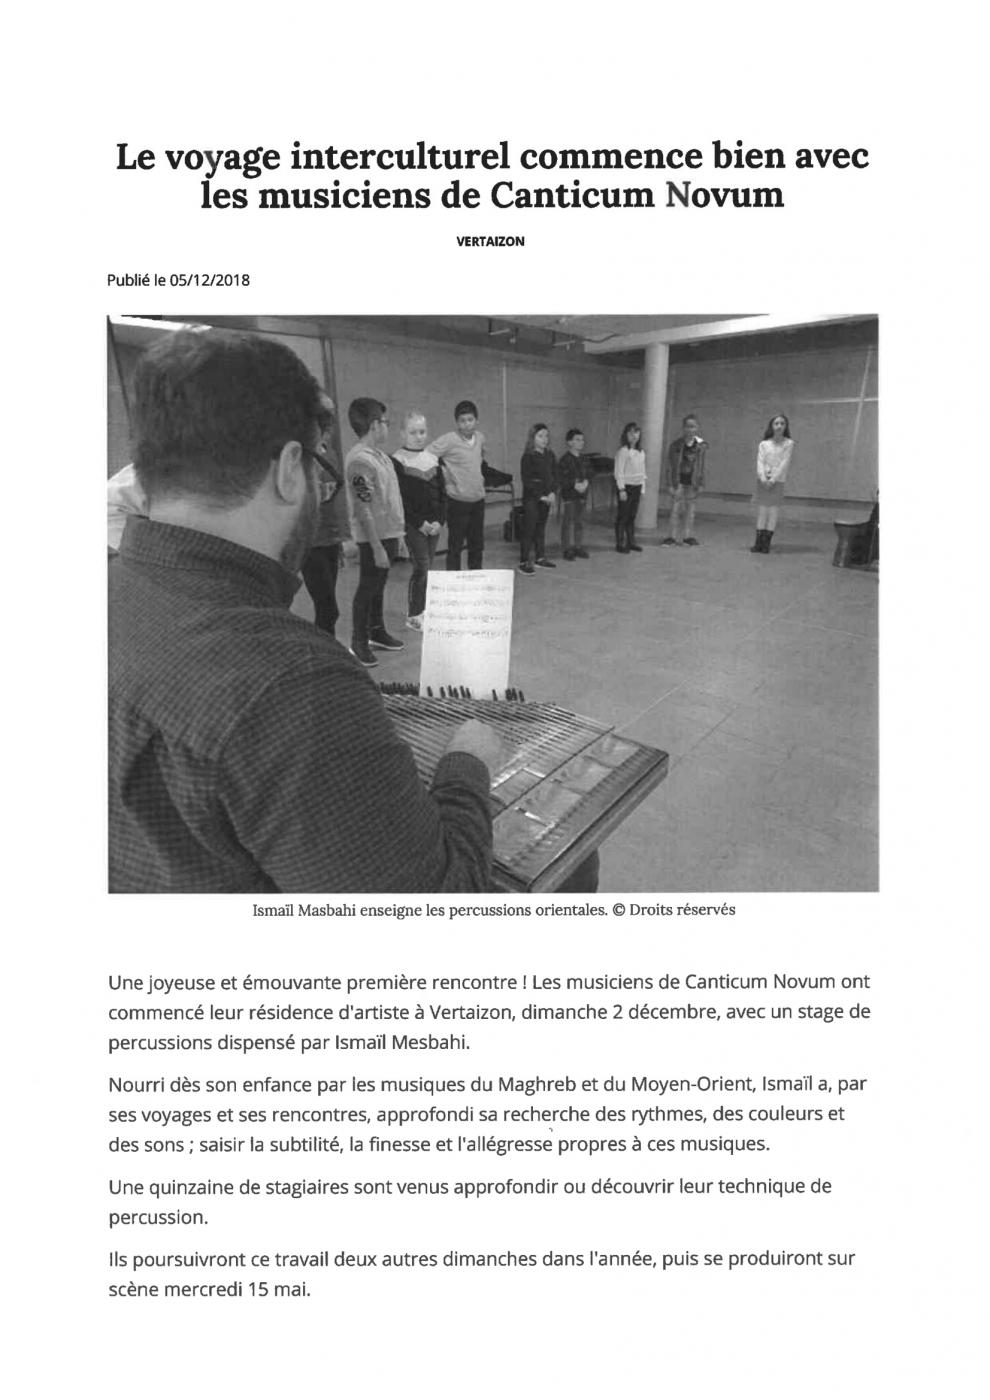 article : Le voyage interculturel commence bien avec les musiciens de Canticum Novum